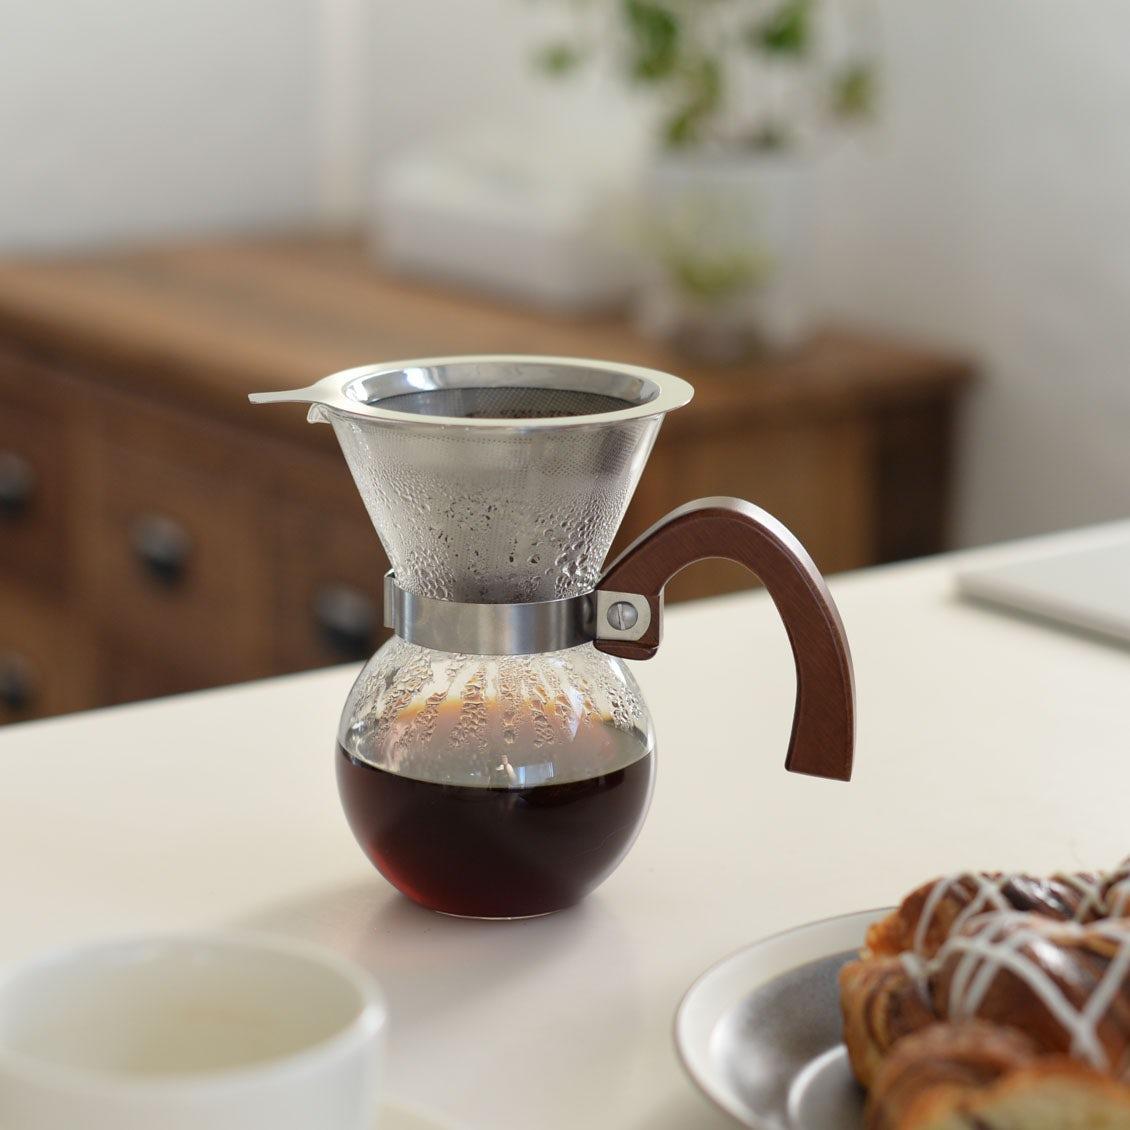 【新商品】ペーパー不要、そのまま注ぐだけでOK! 愛らしい佇まいの「コーヒードリッパーセット」が新登場です♪